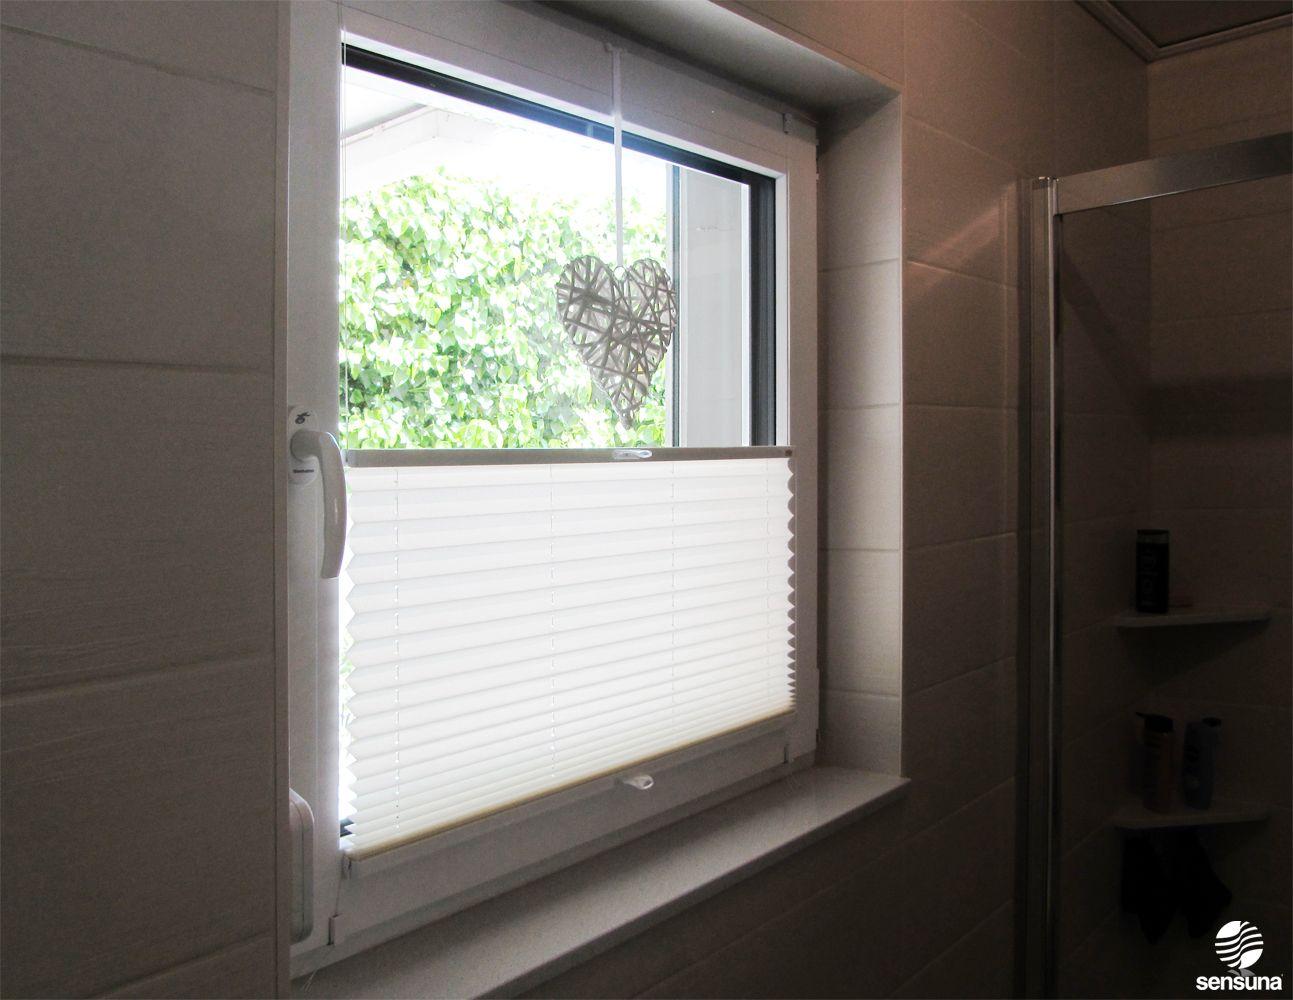 Sichtschutz Am Badezimmer Fenster Dank Neuem Sensuna Plissee Aus Dem Raumtextilienshop Ein Ku Badezimmer Ohne Fenster Fenster Plissee Sichtschutz Fenster